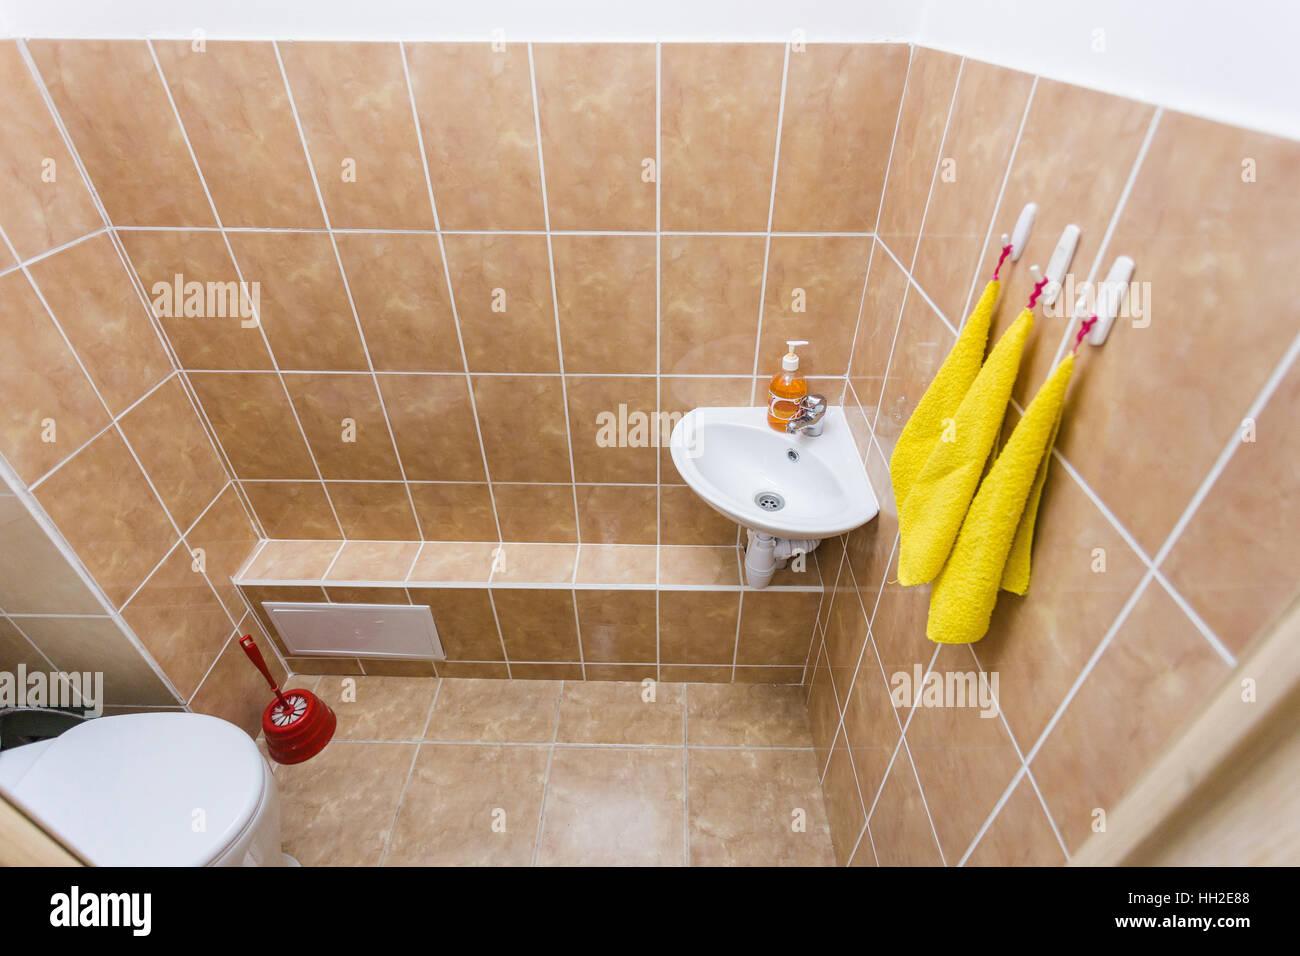 preschool bathroom sink. Clean Children Toilet Washroom With Sink And Water-closet In Kindergarten Preschool Bathroom